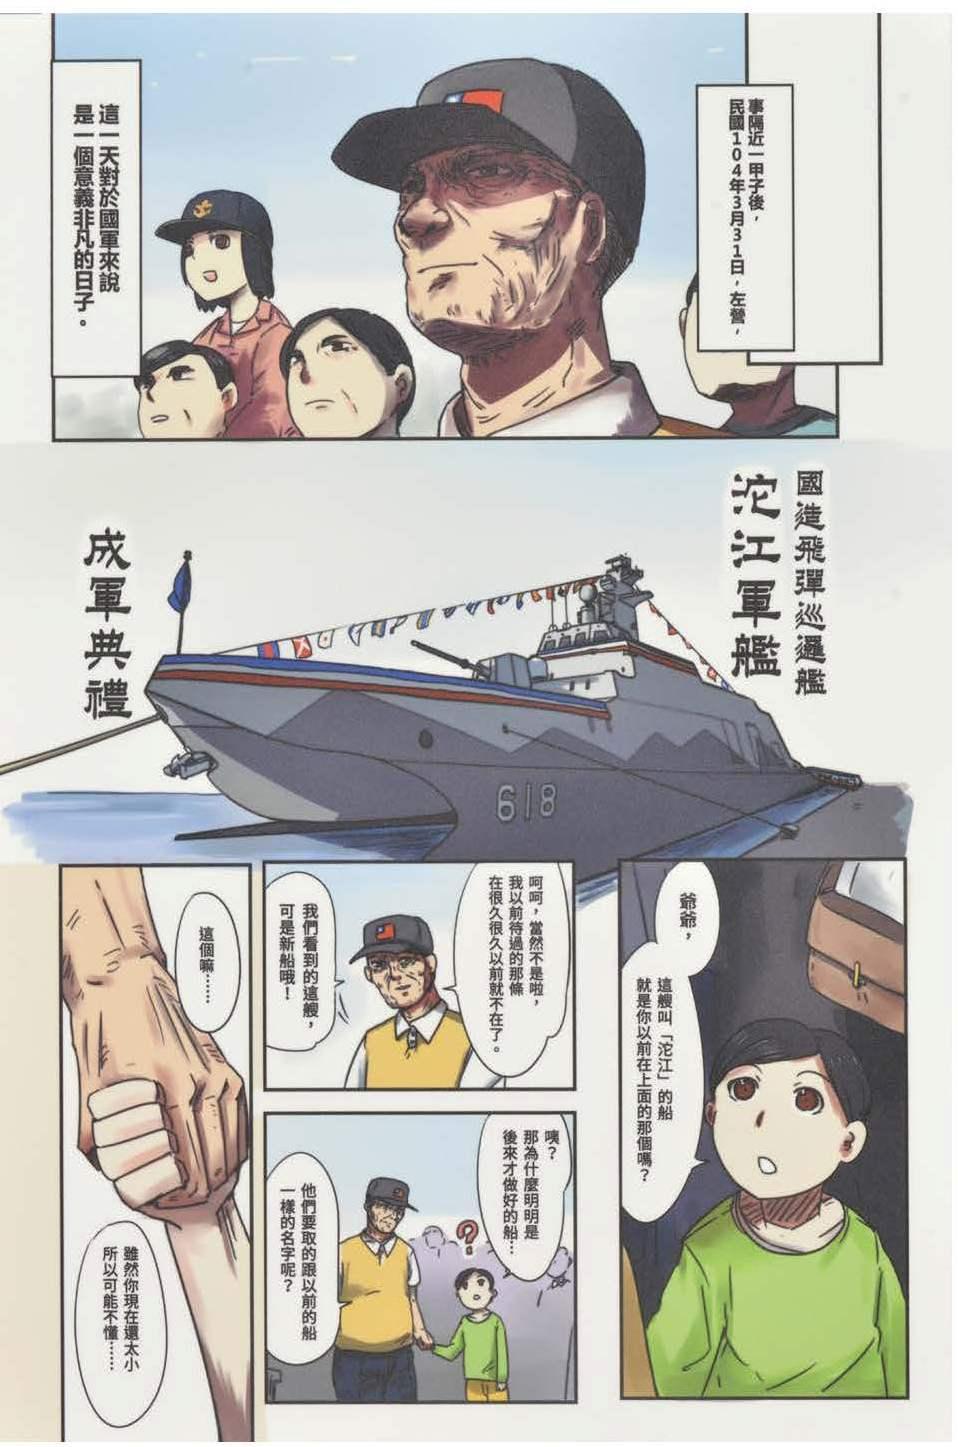 第50屆漫畫類金像獎作品_傳承10_張哲綱.jpg